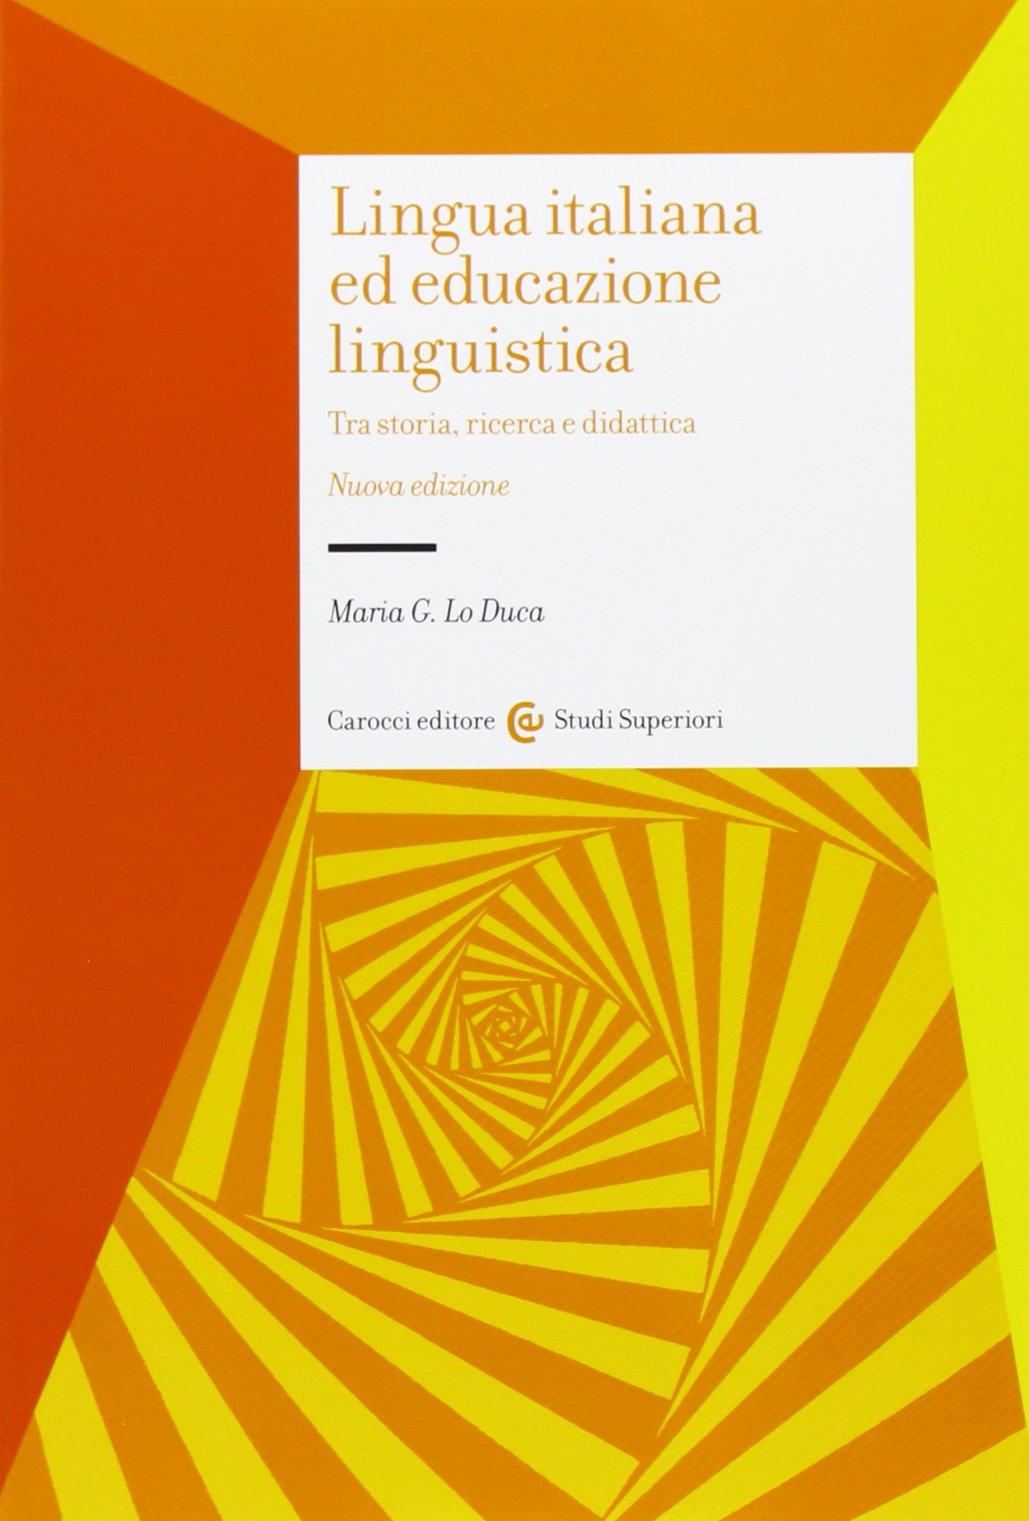 Lingua italiana ed educazione linguistica: tra storia, ricerca e didattica. Maria G. Lo Duca